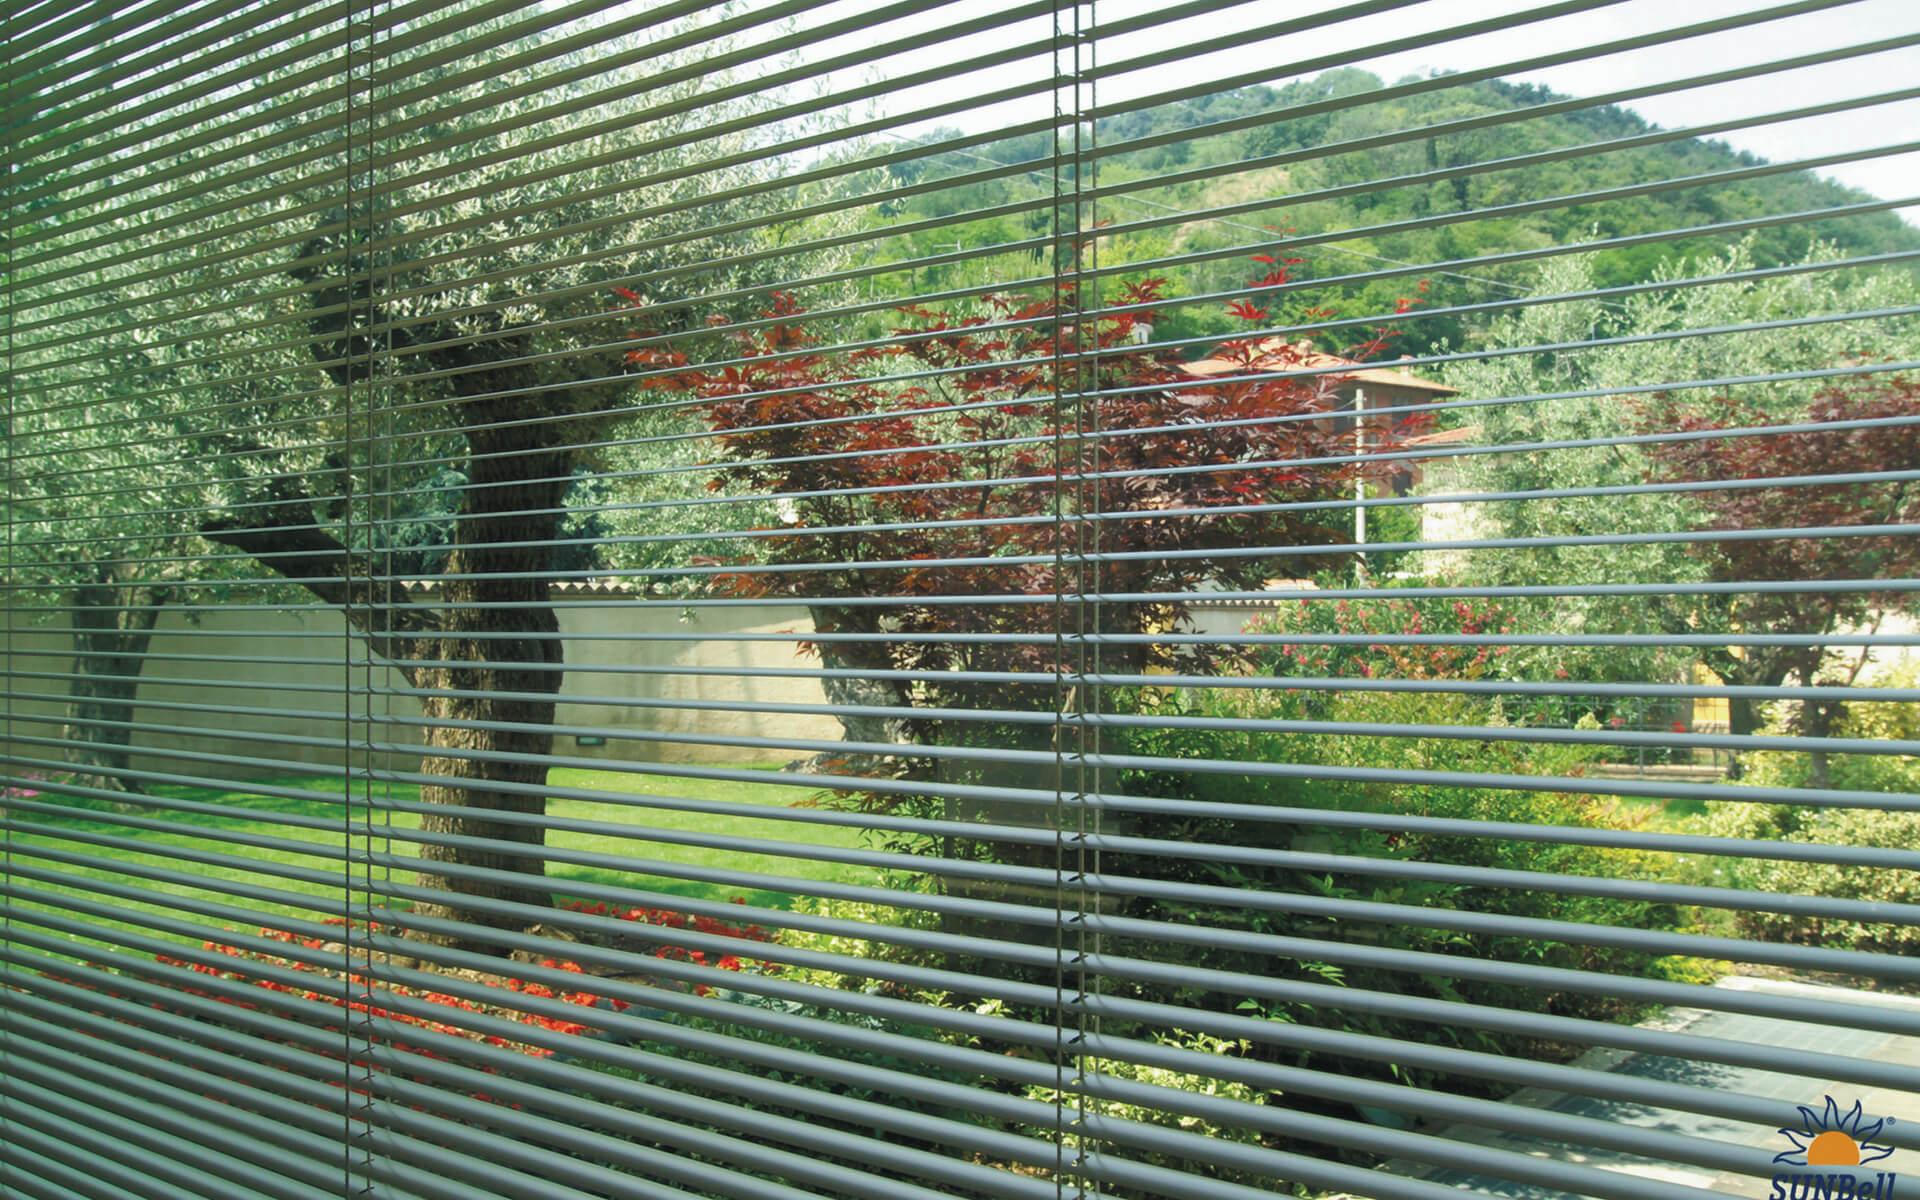 Le veneziane dentro il vetro sono una pratica soluzione per eliminare le tende e limitare la polvere in casa